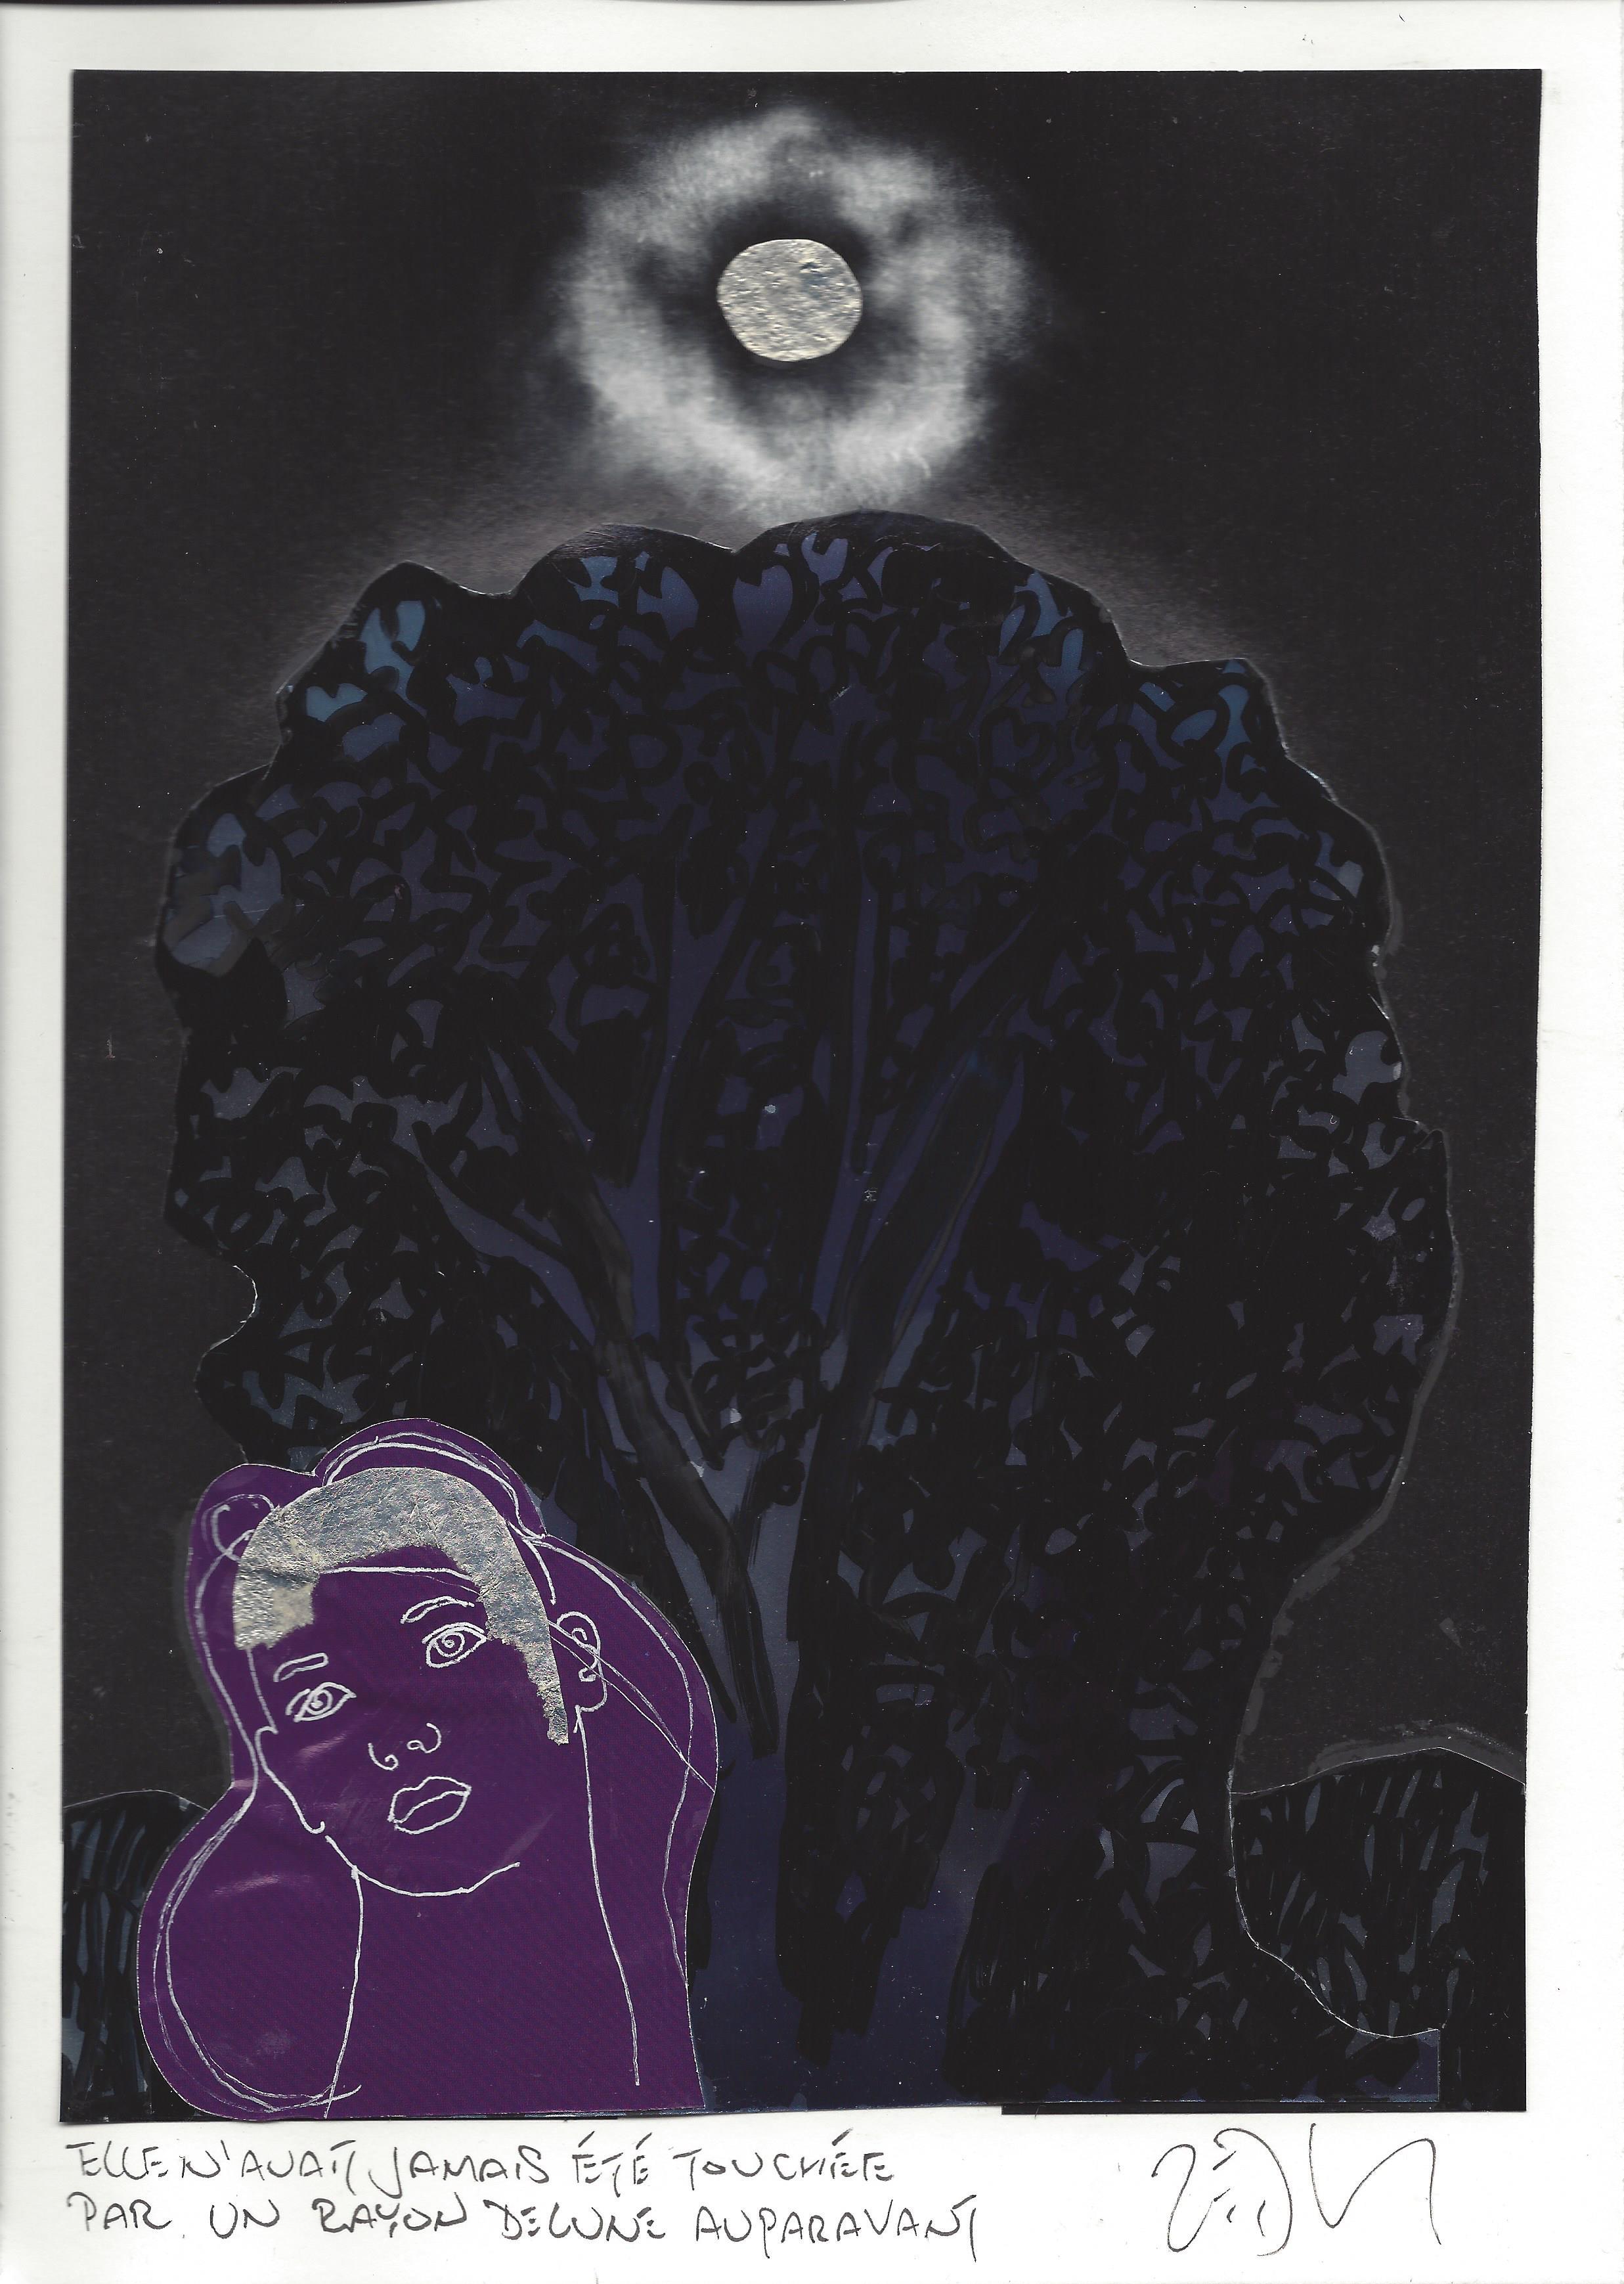 « She had never been touched by a moonbeam before – Elle n'avait jamais été touchée par un rayon de lune auparavant »